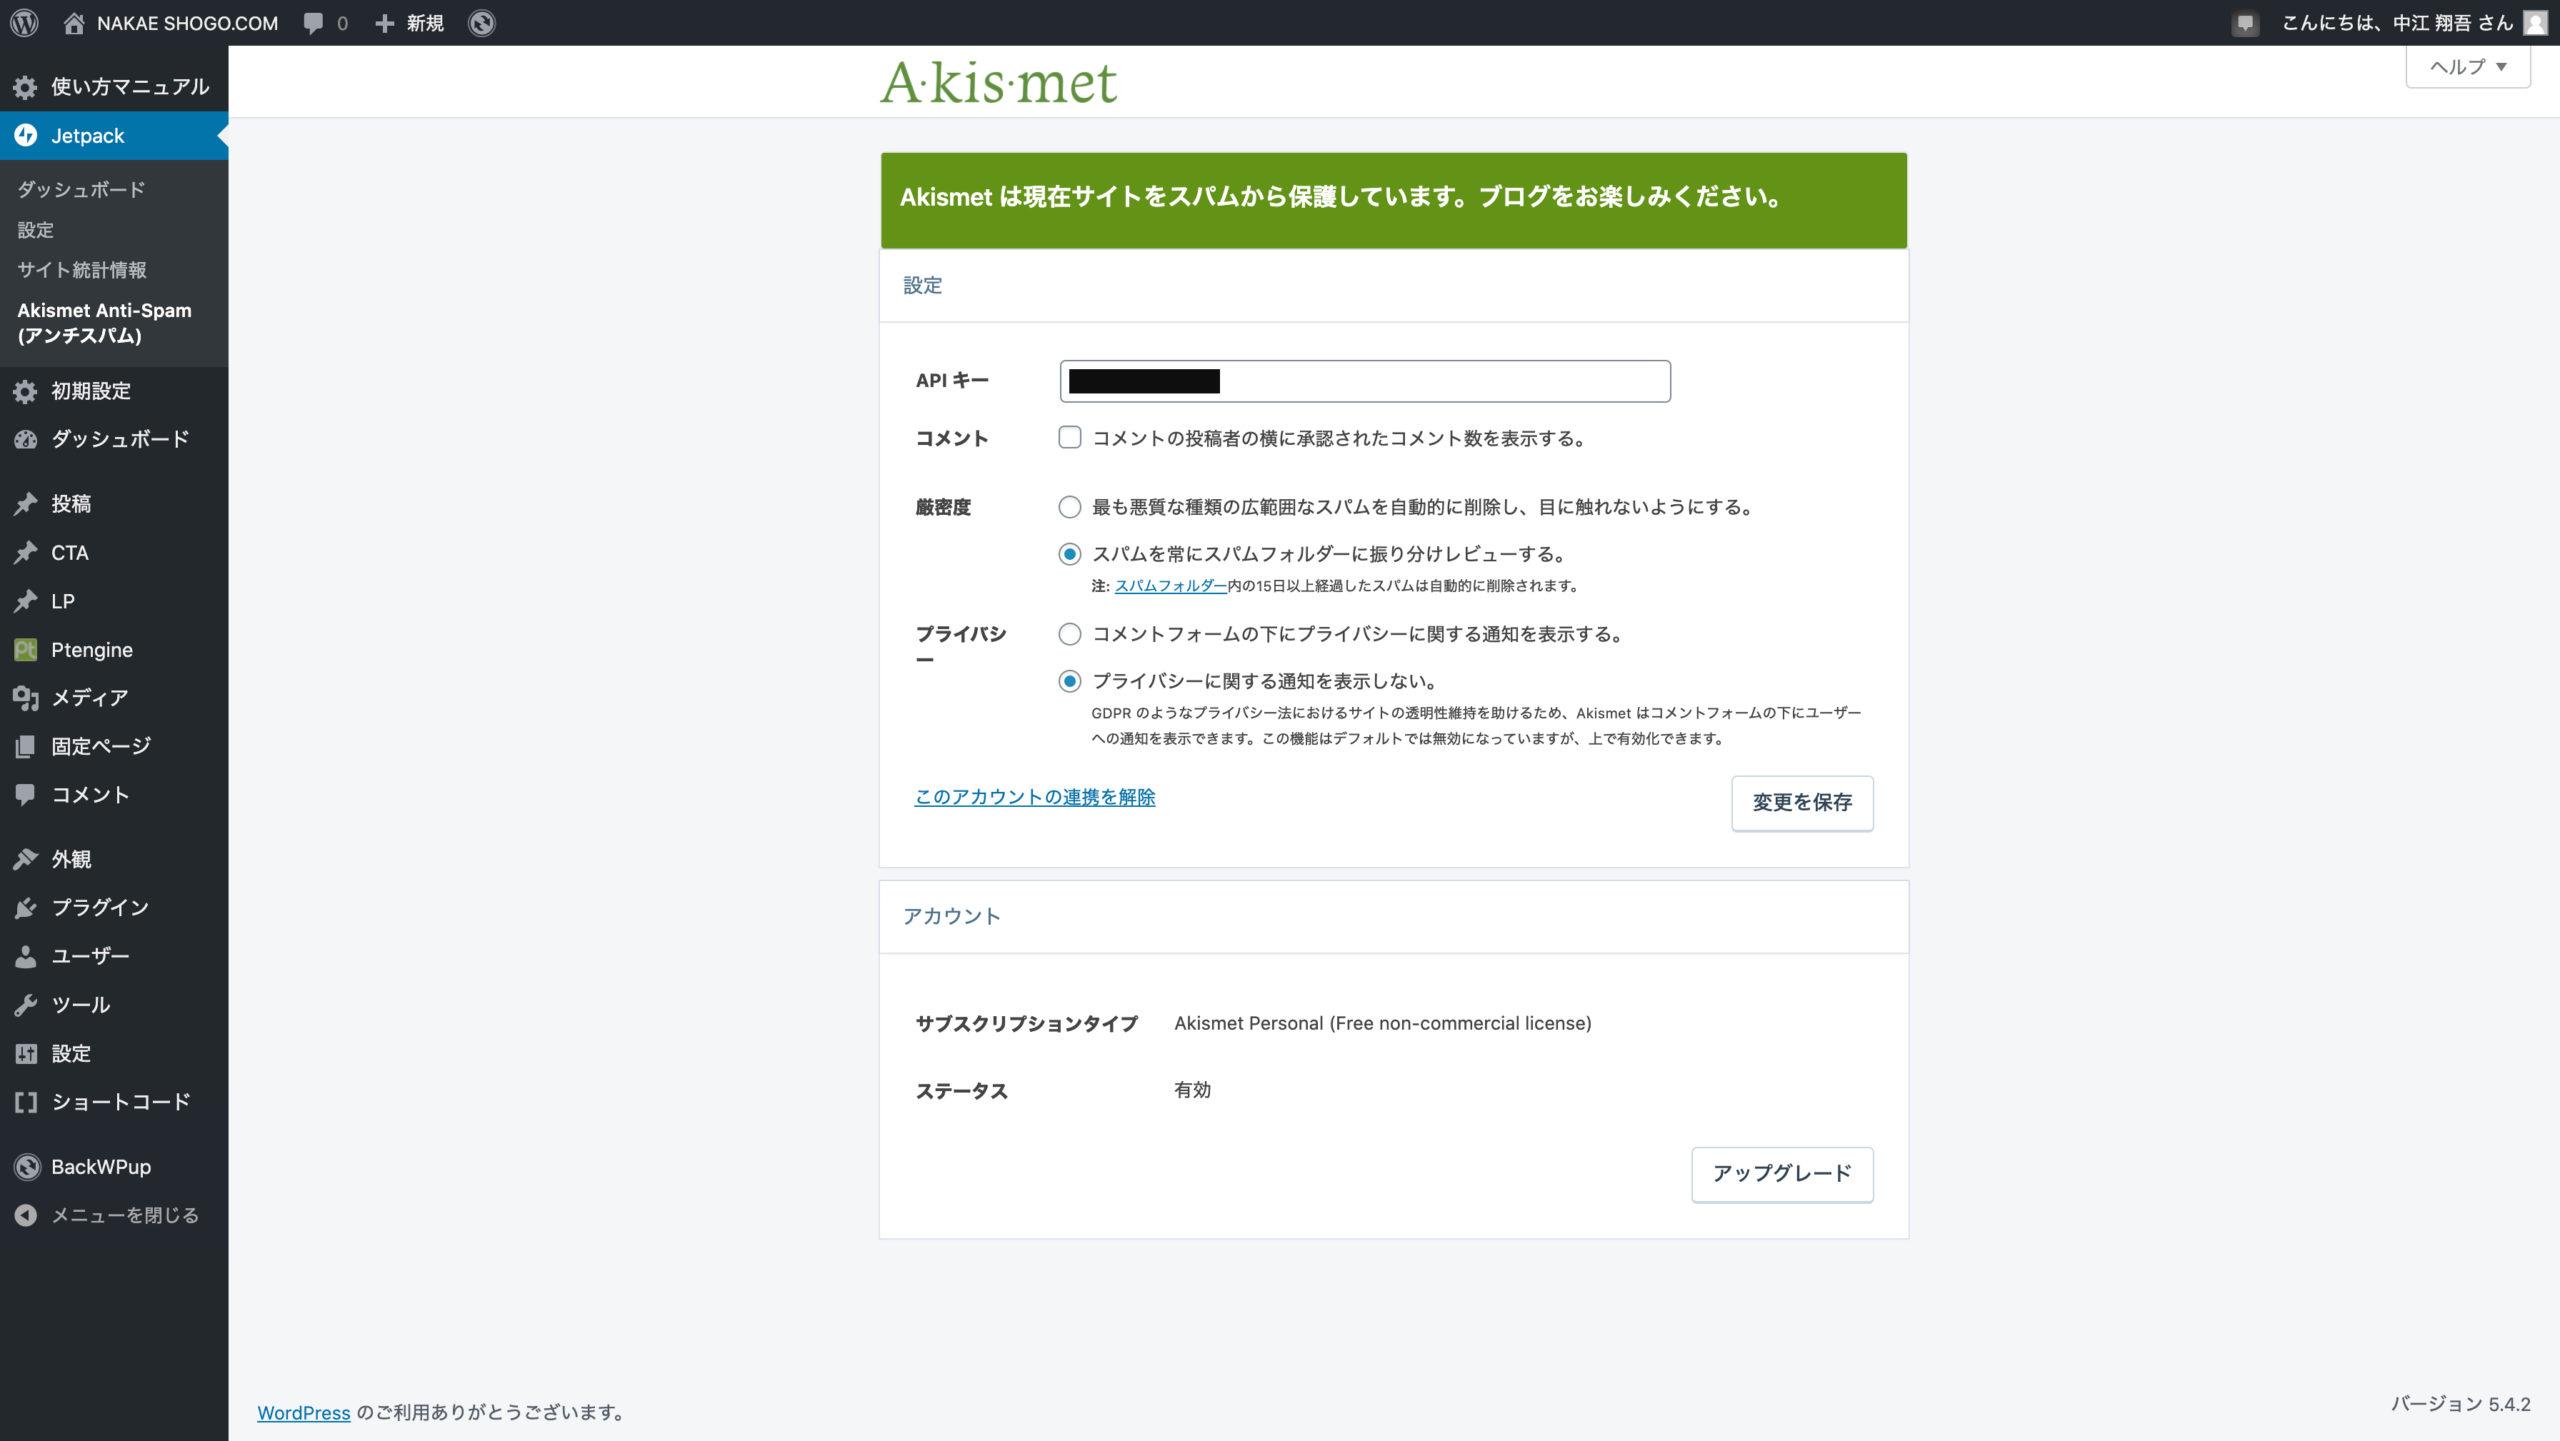 Akismetの管理画面